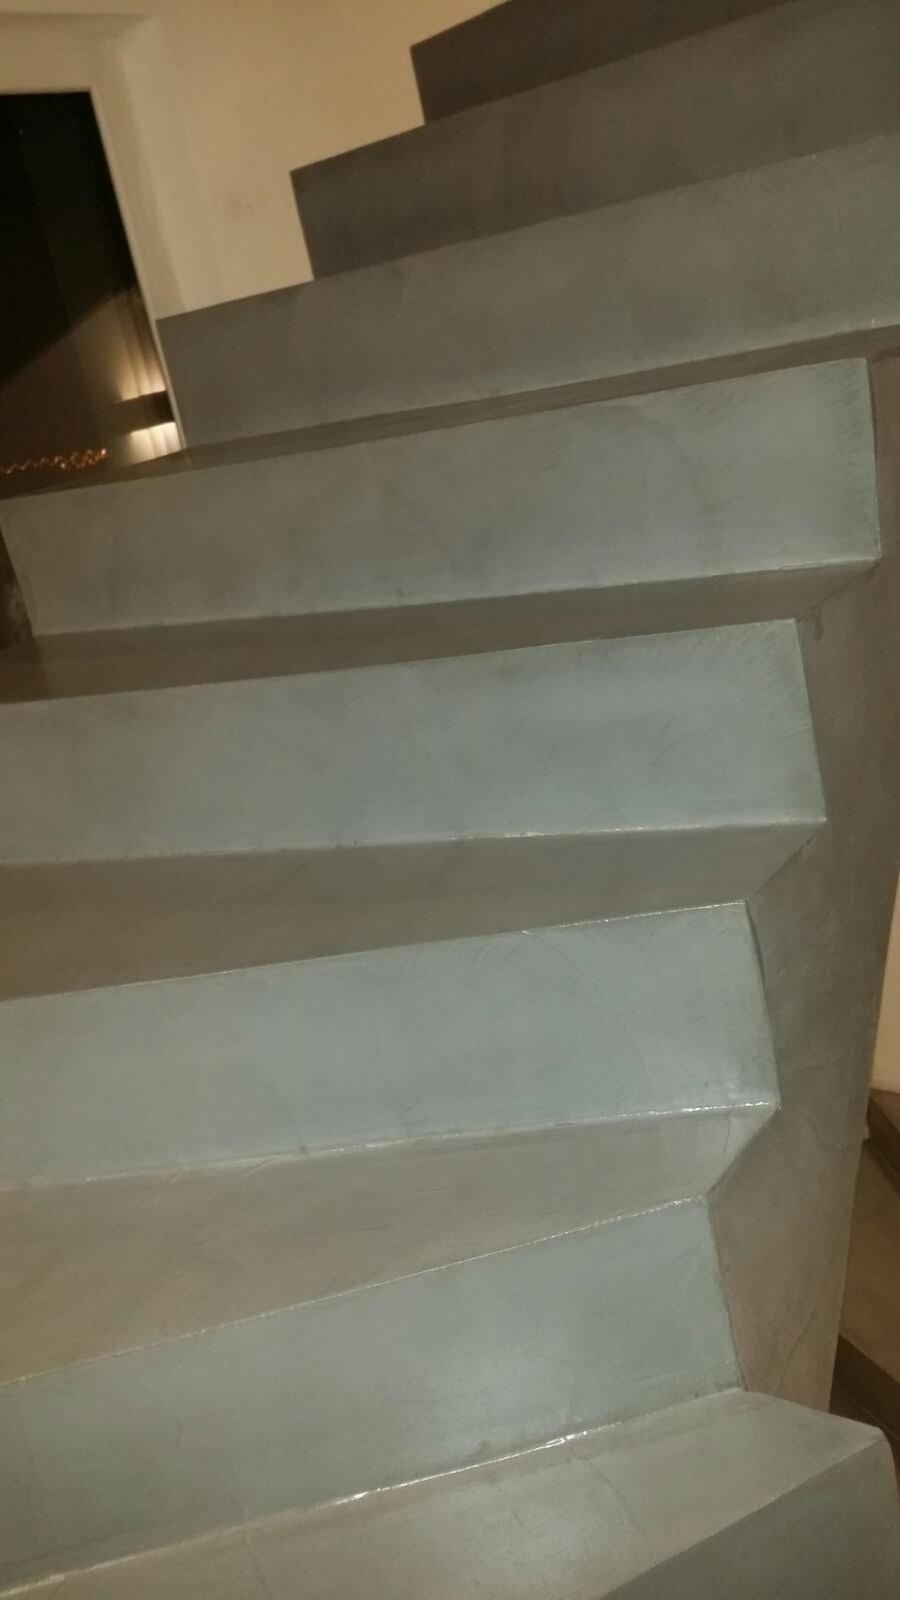 Beton Cire Treppe designbeton bzw beton ciré für treppen eine sehr gute wahl